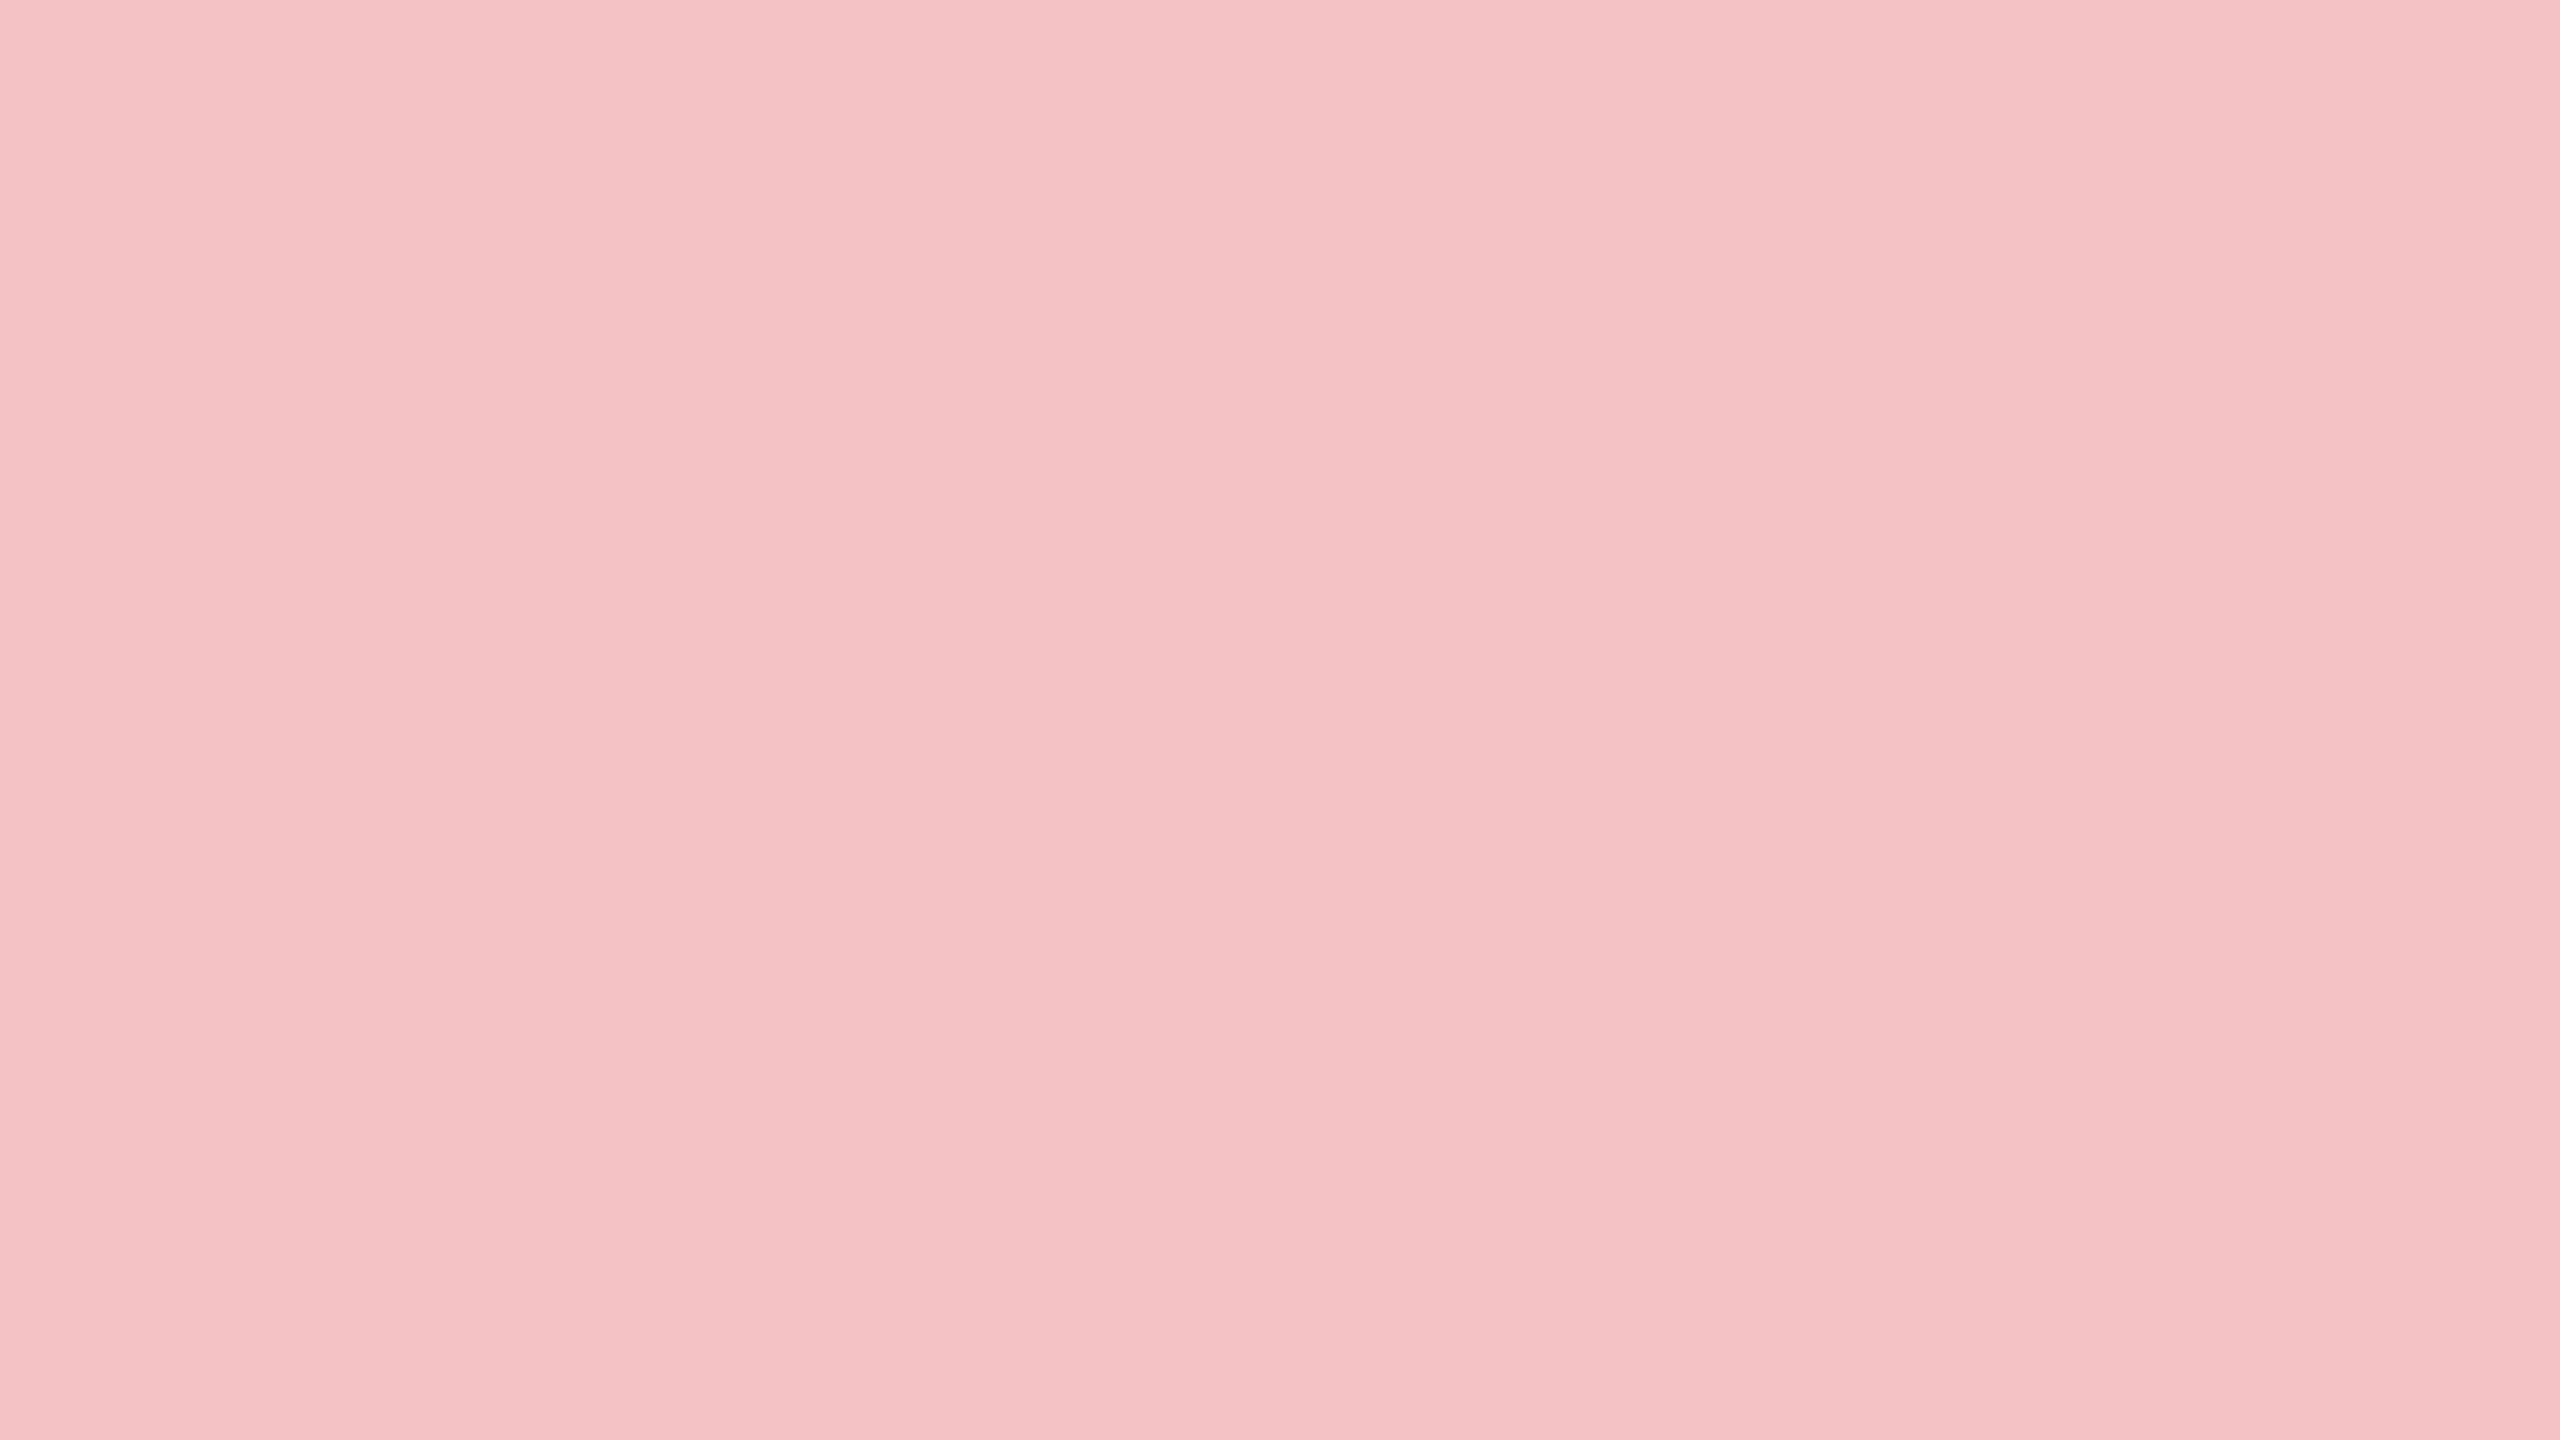 2560x1440 Tea Rose Rose Solid Color Background